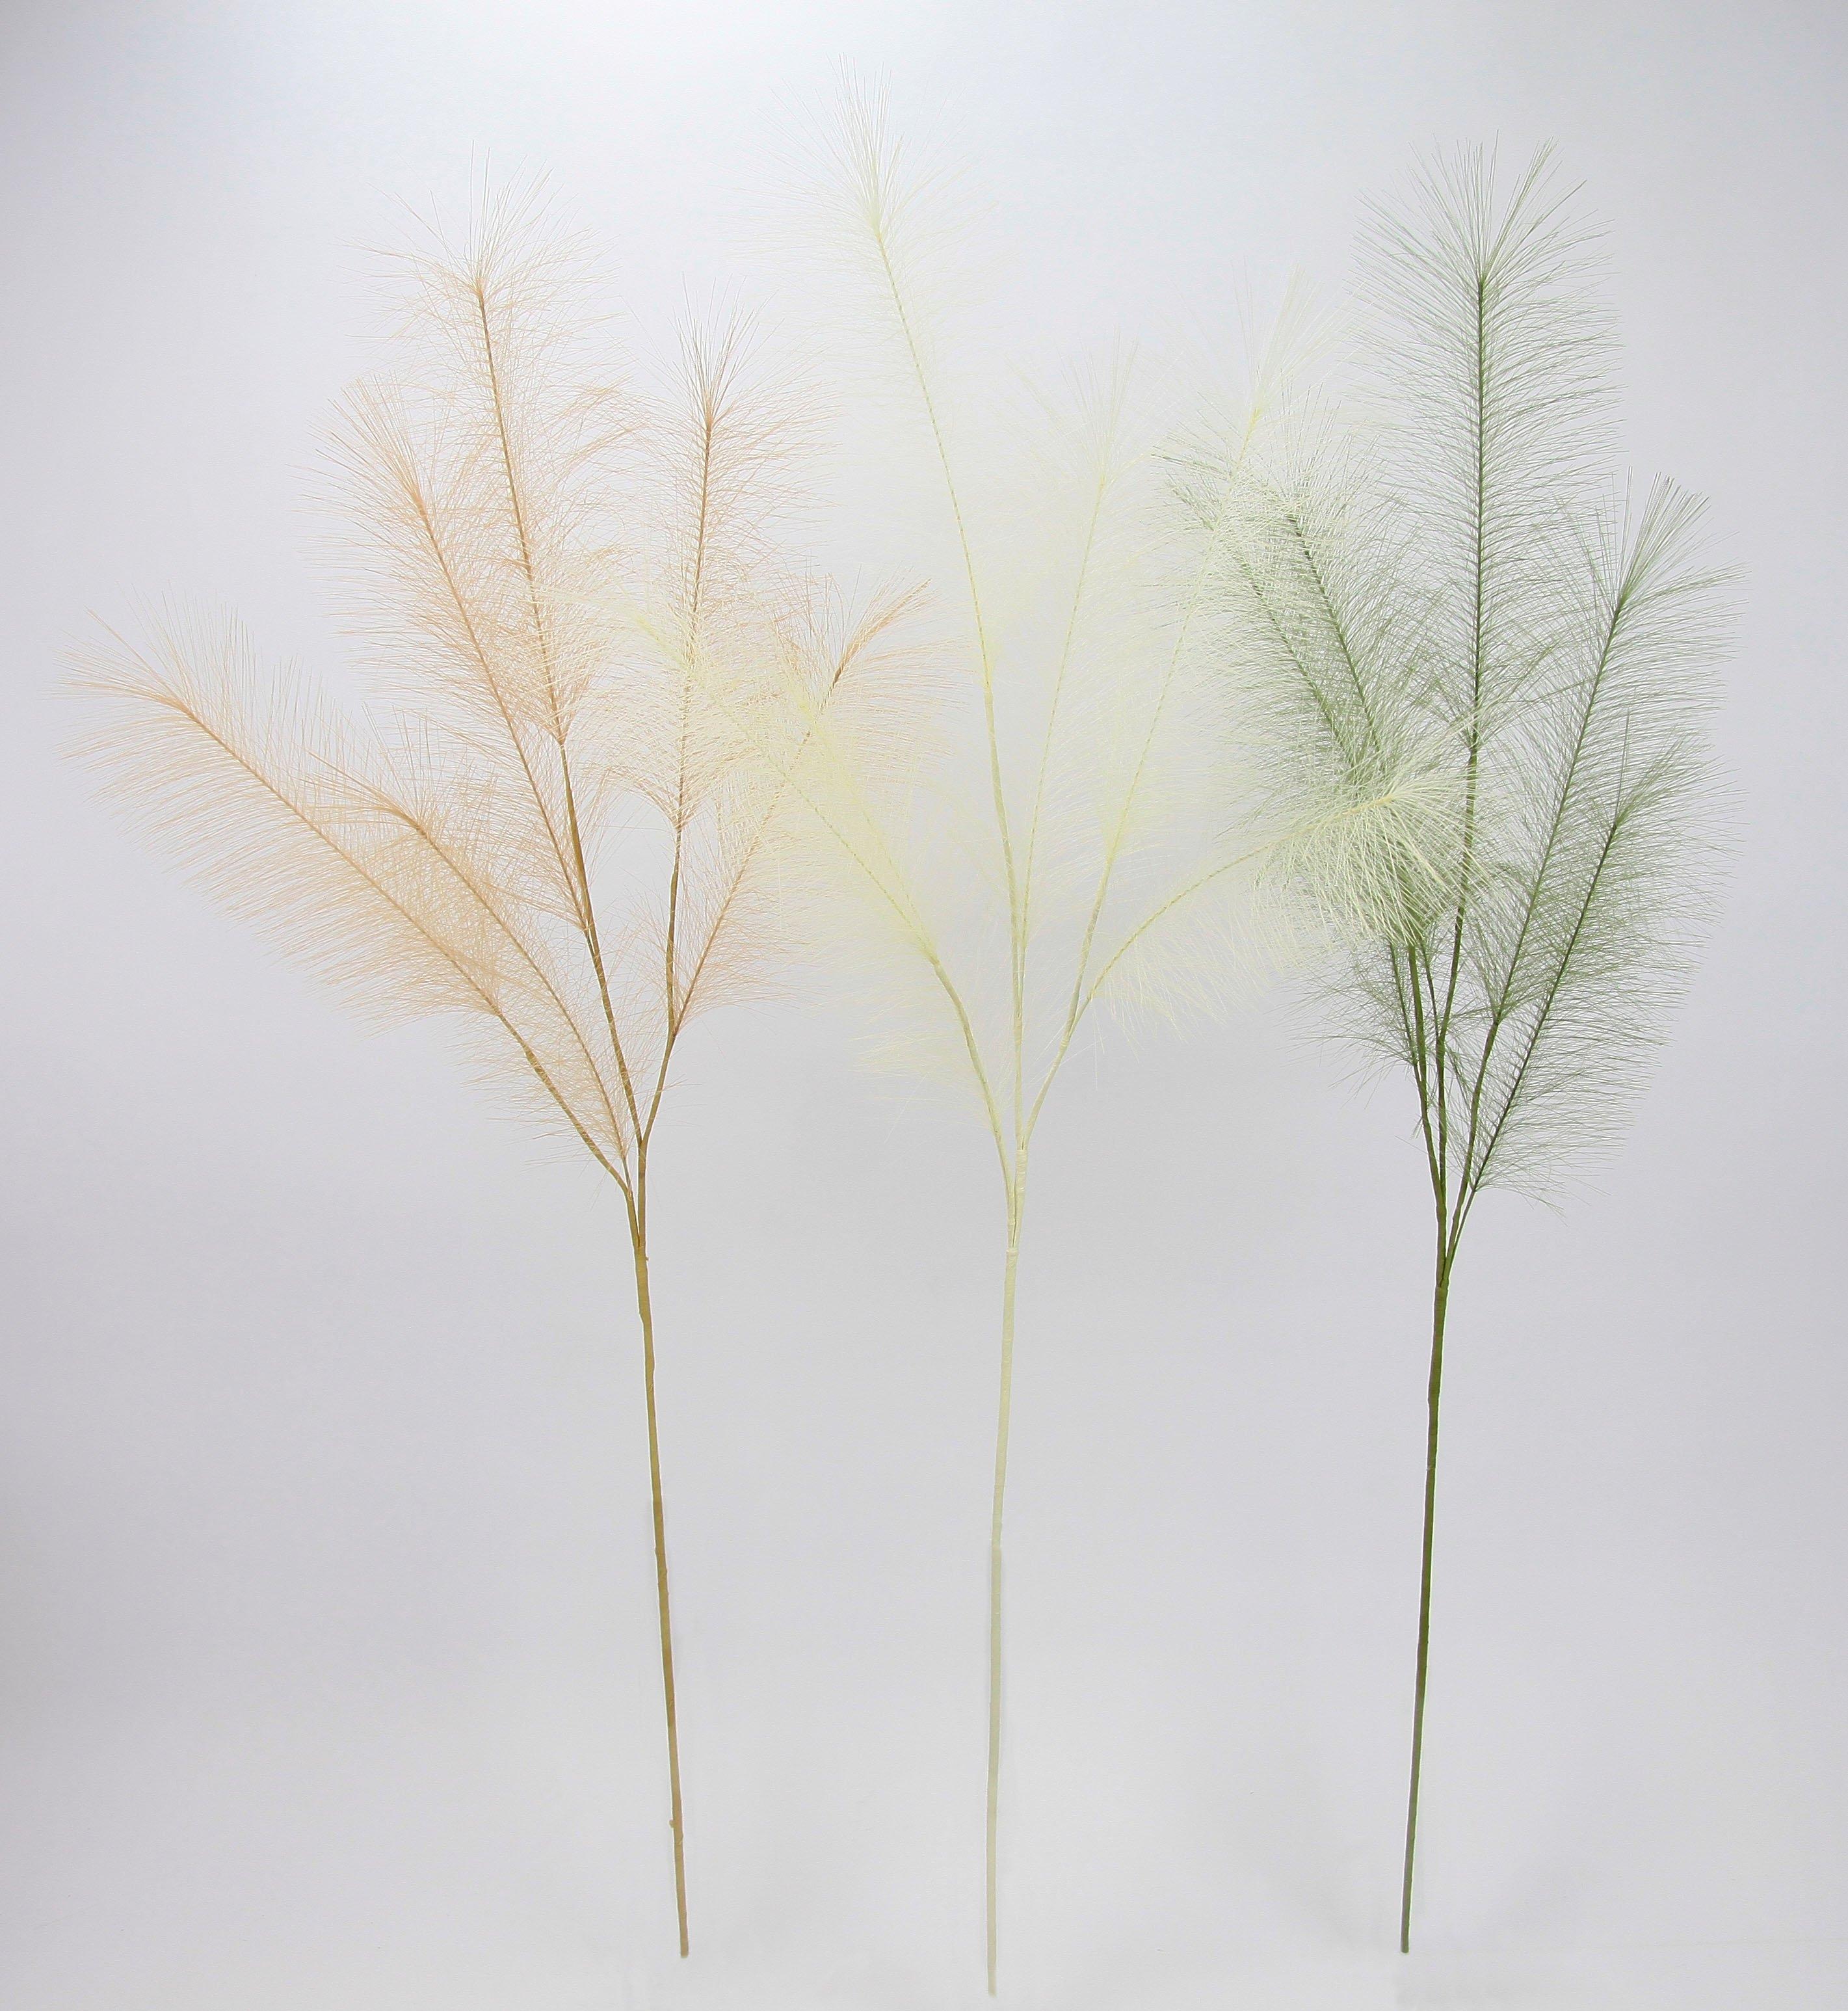 I.GE.A. kunstplant Decoratieve tak set van 3 bestellen: 30 dagen bedenktijd